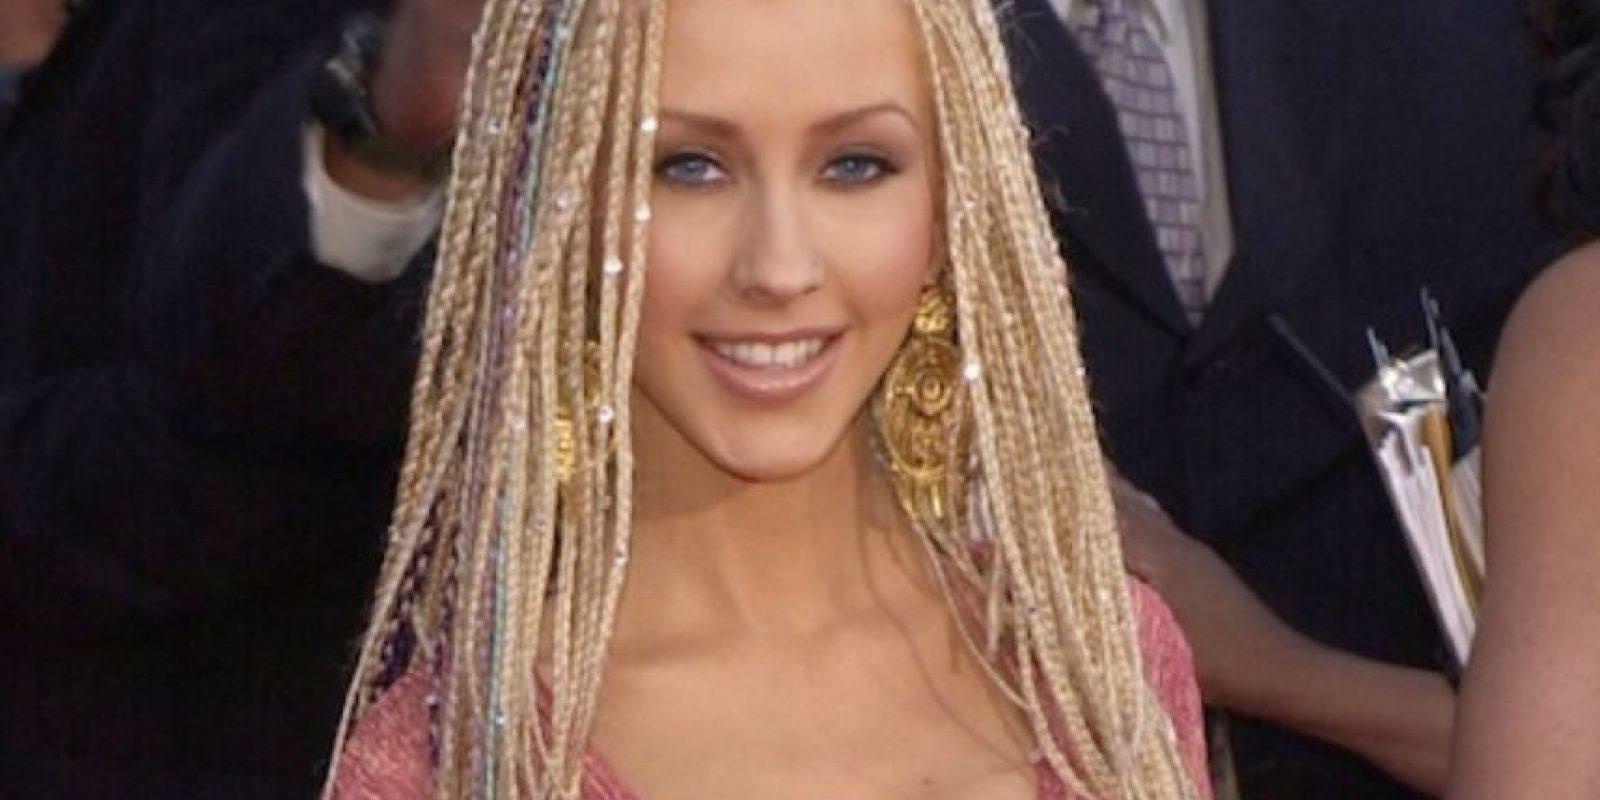 Las trenzas afro para las blancas tampoco son buena idea. Foto:vía Getty Images